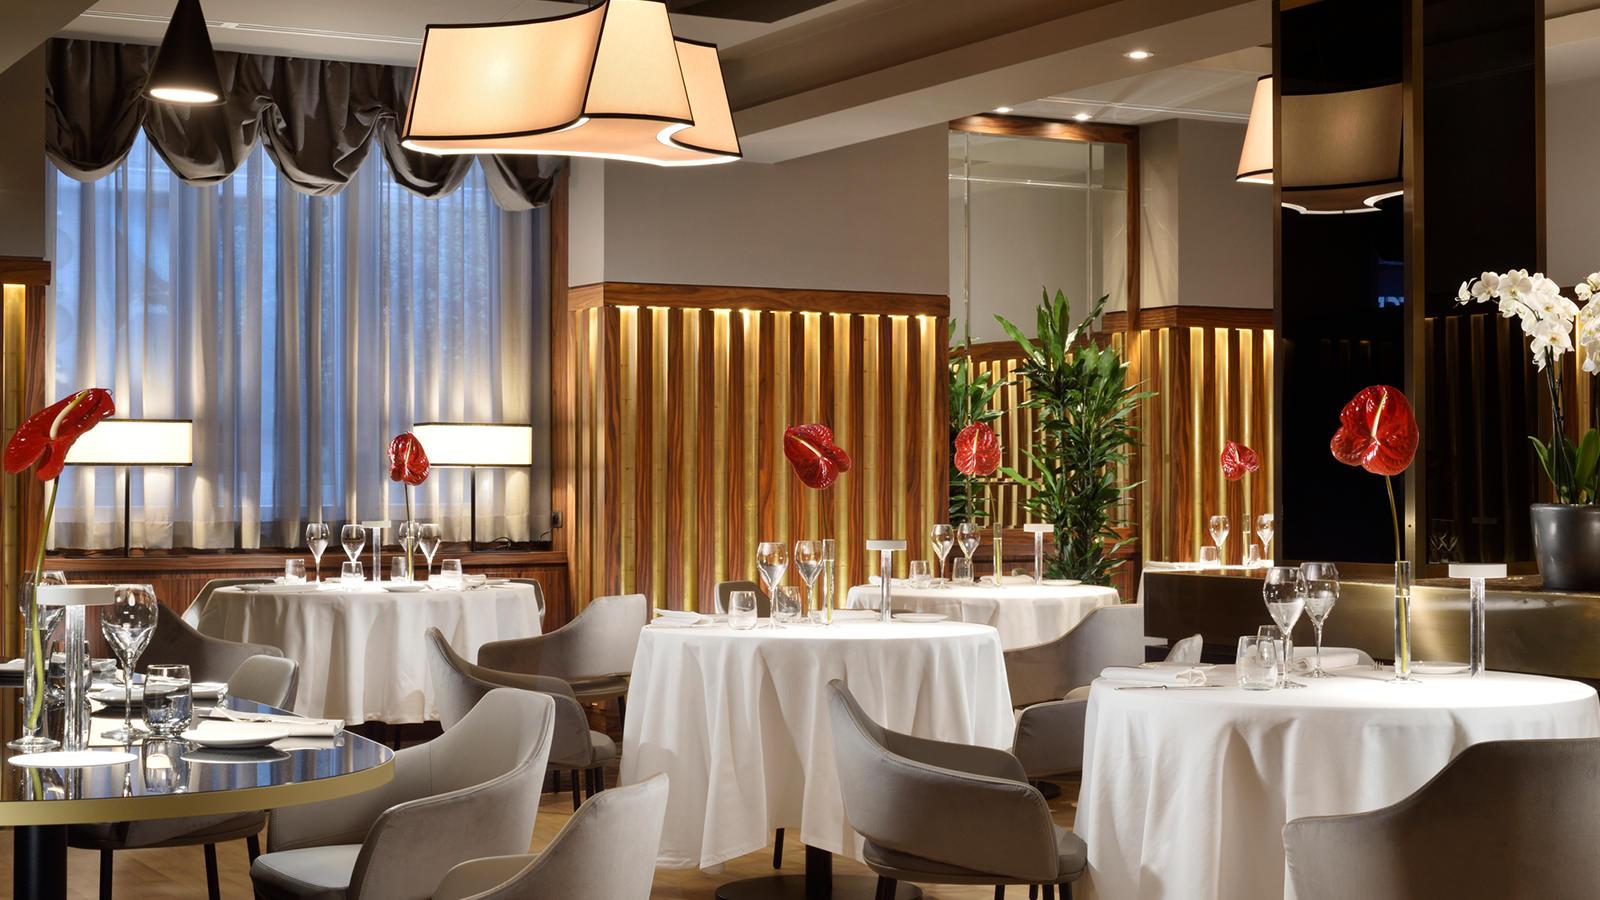 Restaurant | Principi di peimonte